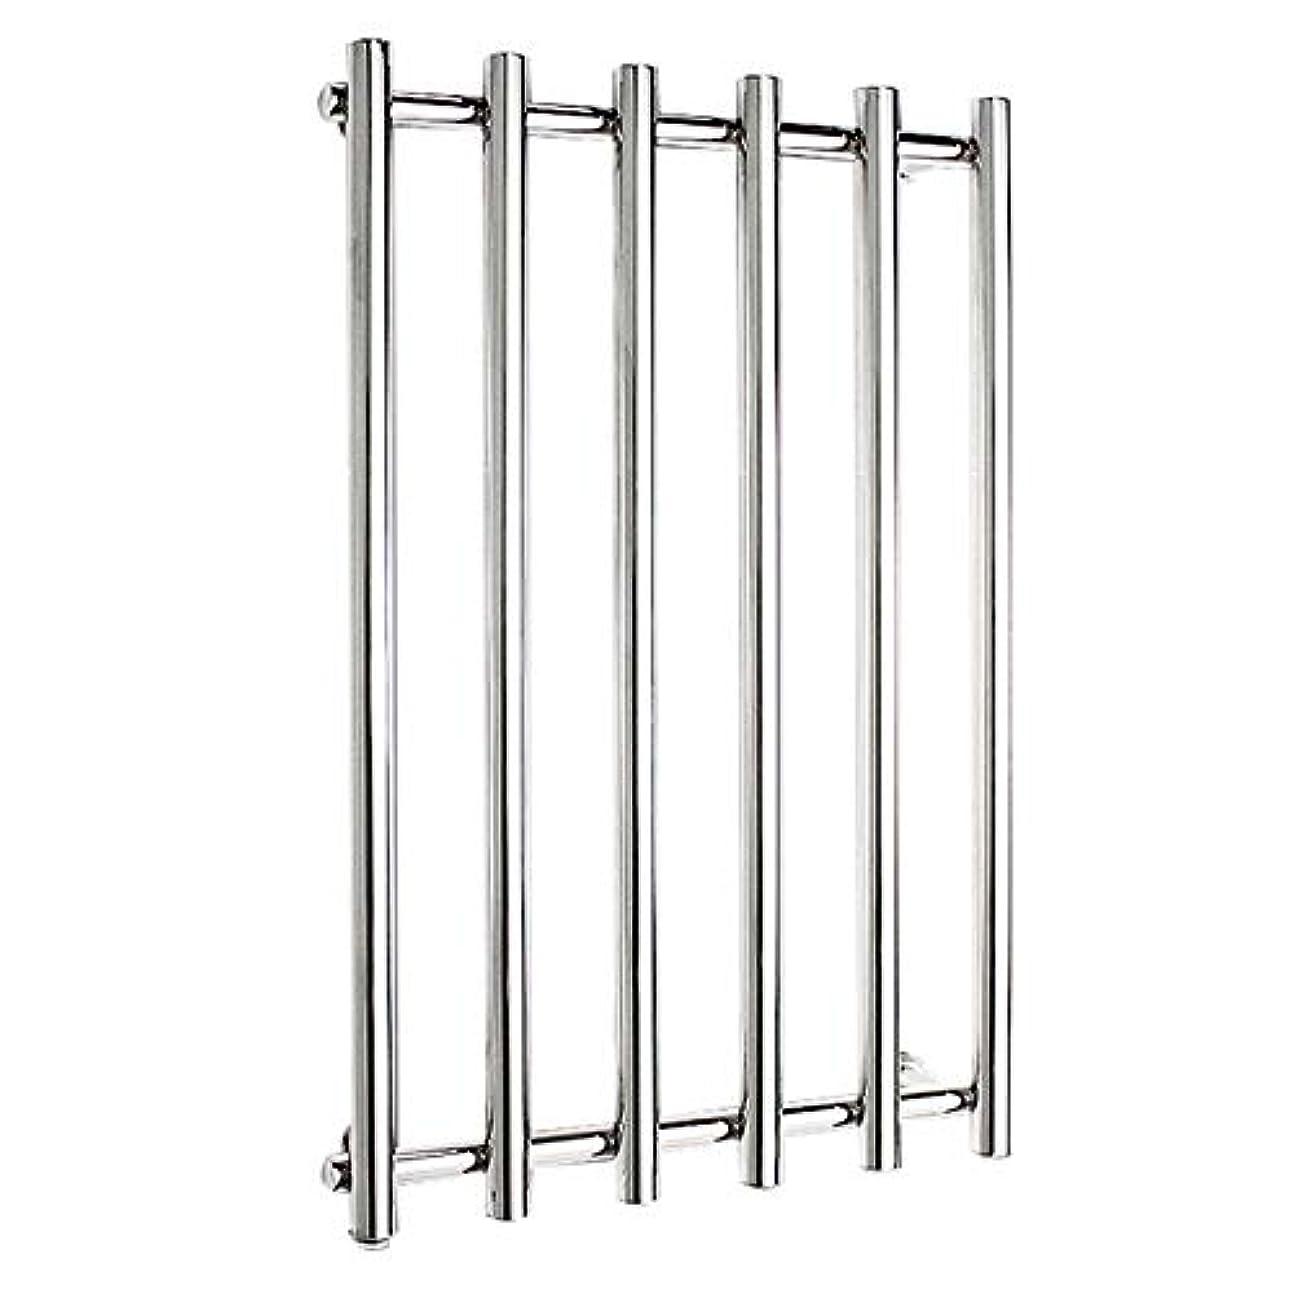 カニ希少性入浴304ステンレス鋼電気タオルラジエーター、壁掛け式電気タオルウォーマー、バスルームハードウェアアクセサリー、ポリッシュクローム、恒温乾燥、810x540x110mm